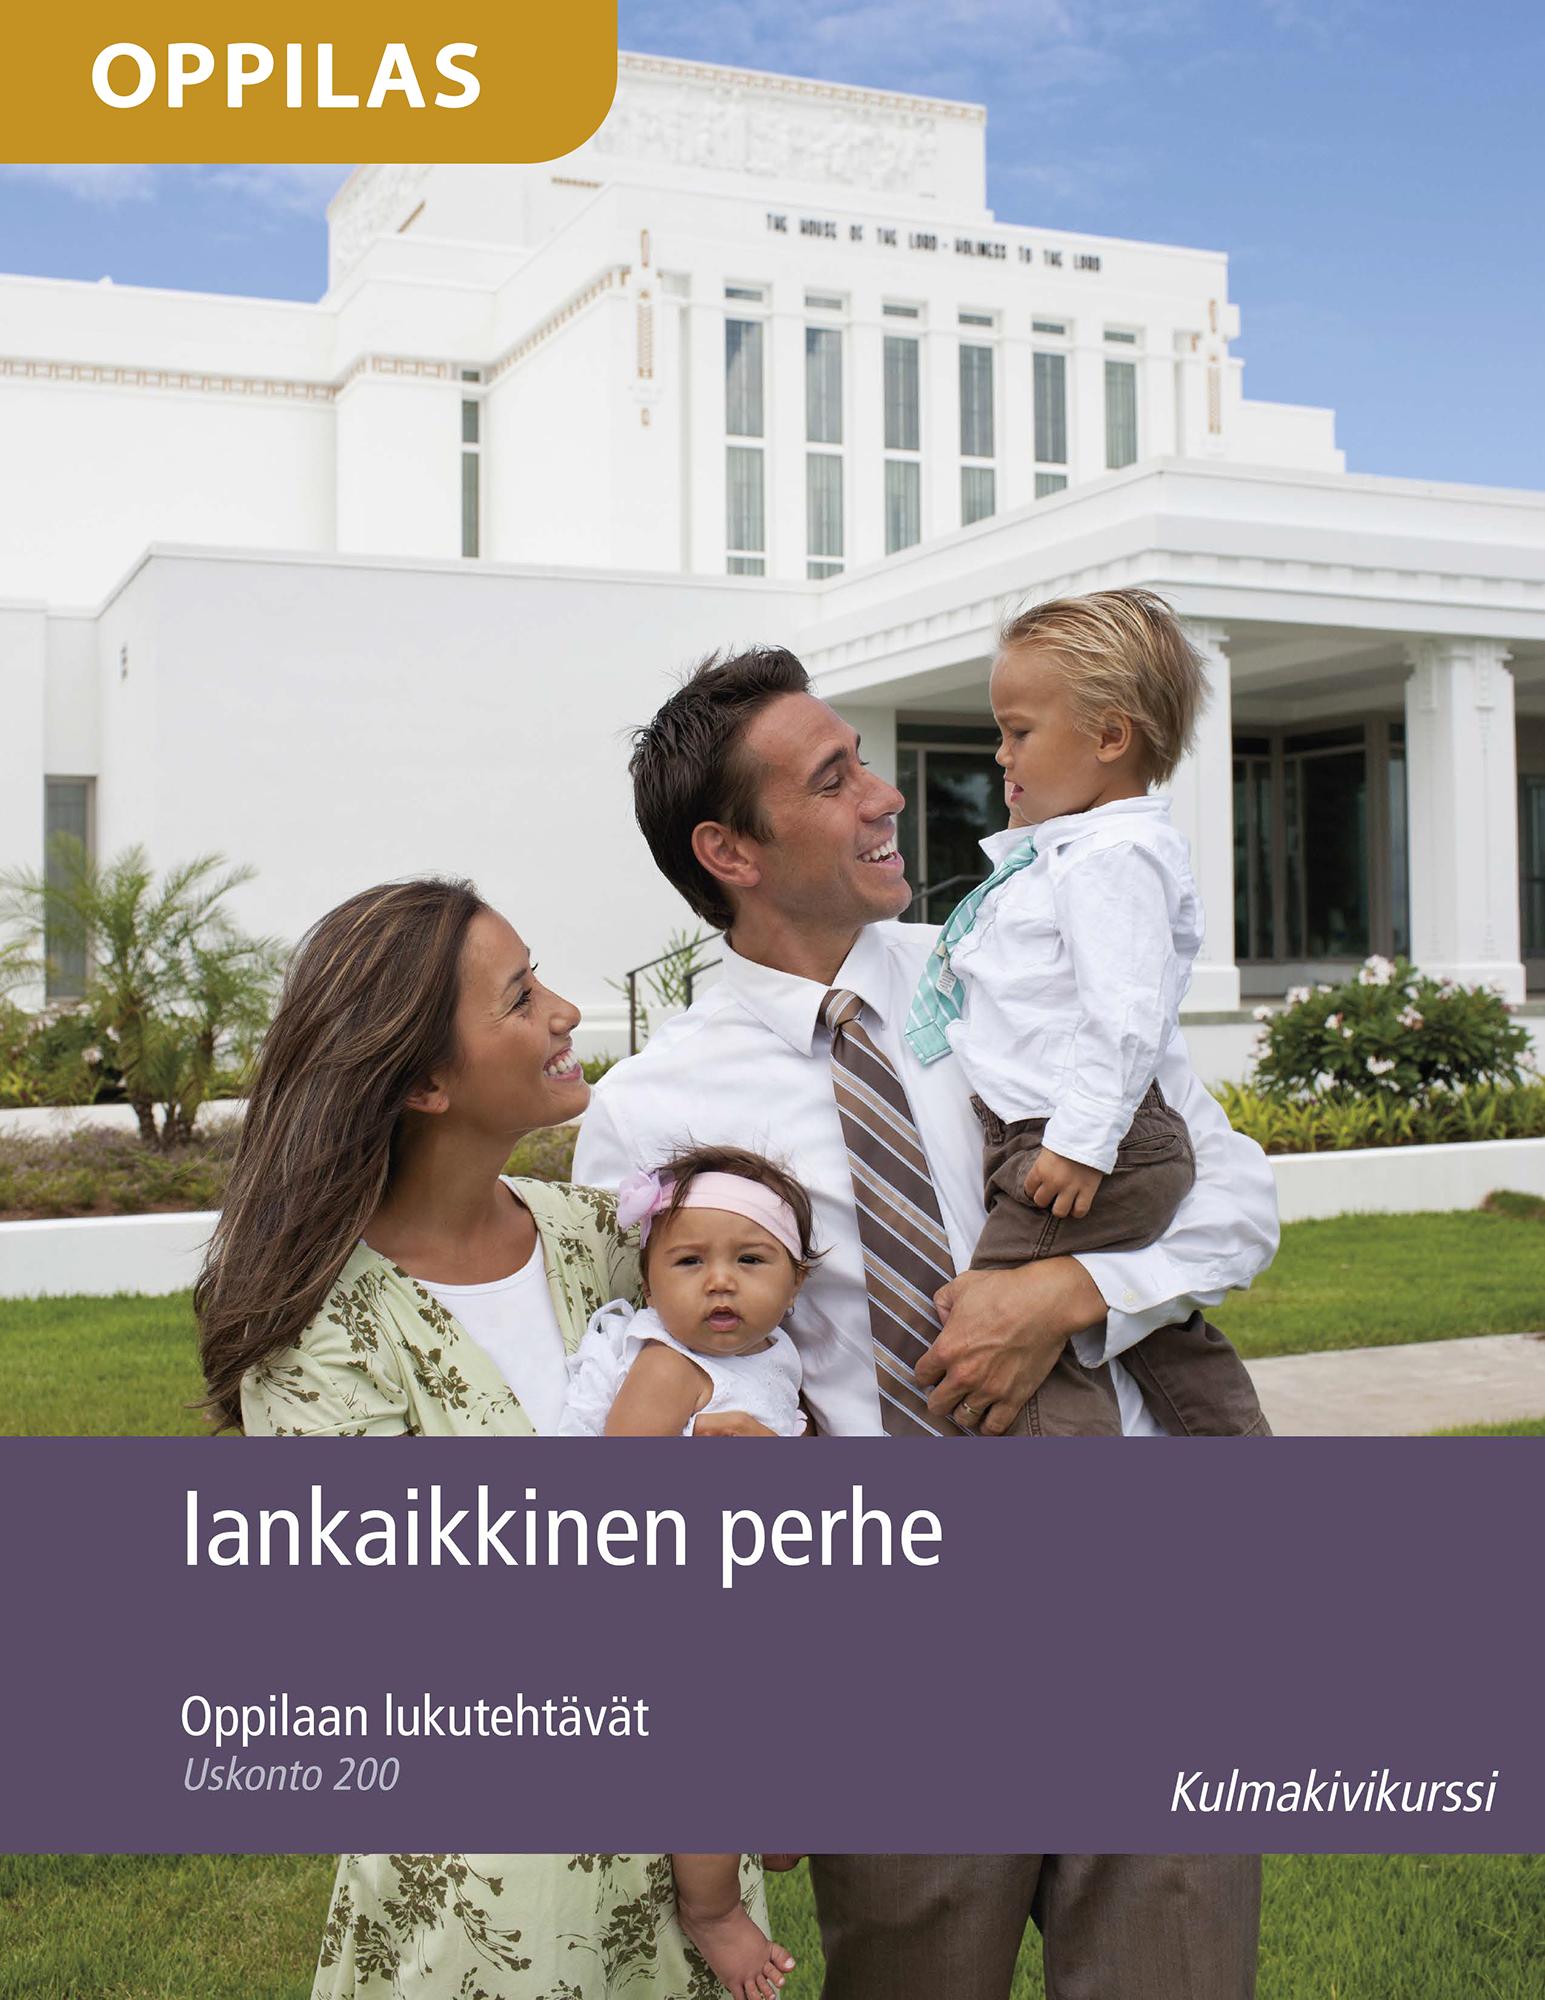 Iankaikkinen perhe, oppilaan lukutehtävät (Uskonto 200)